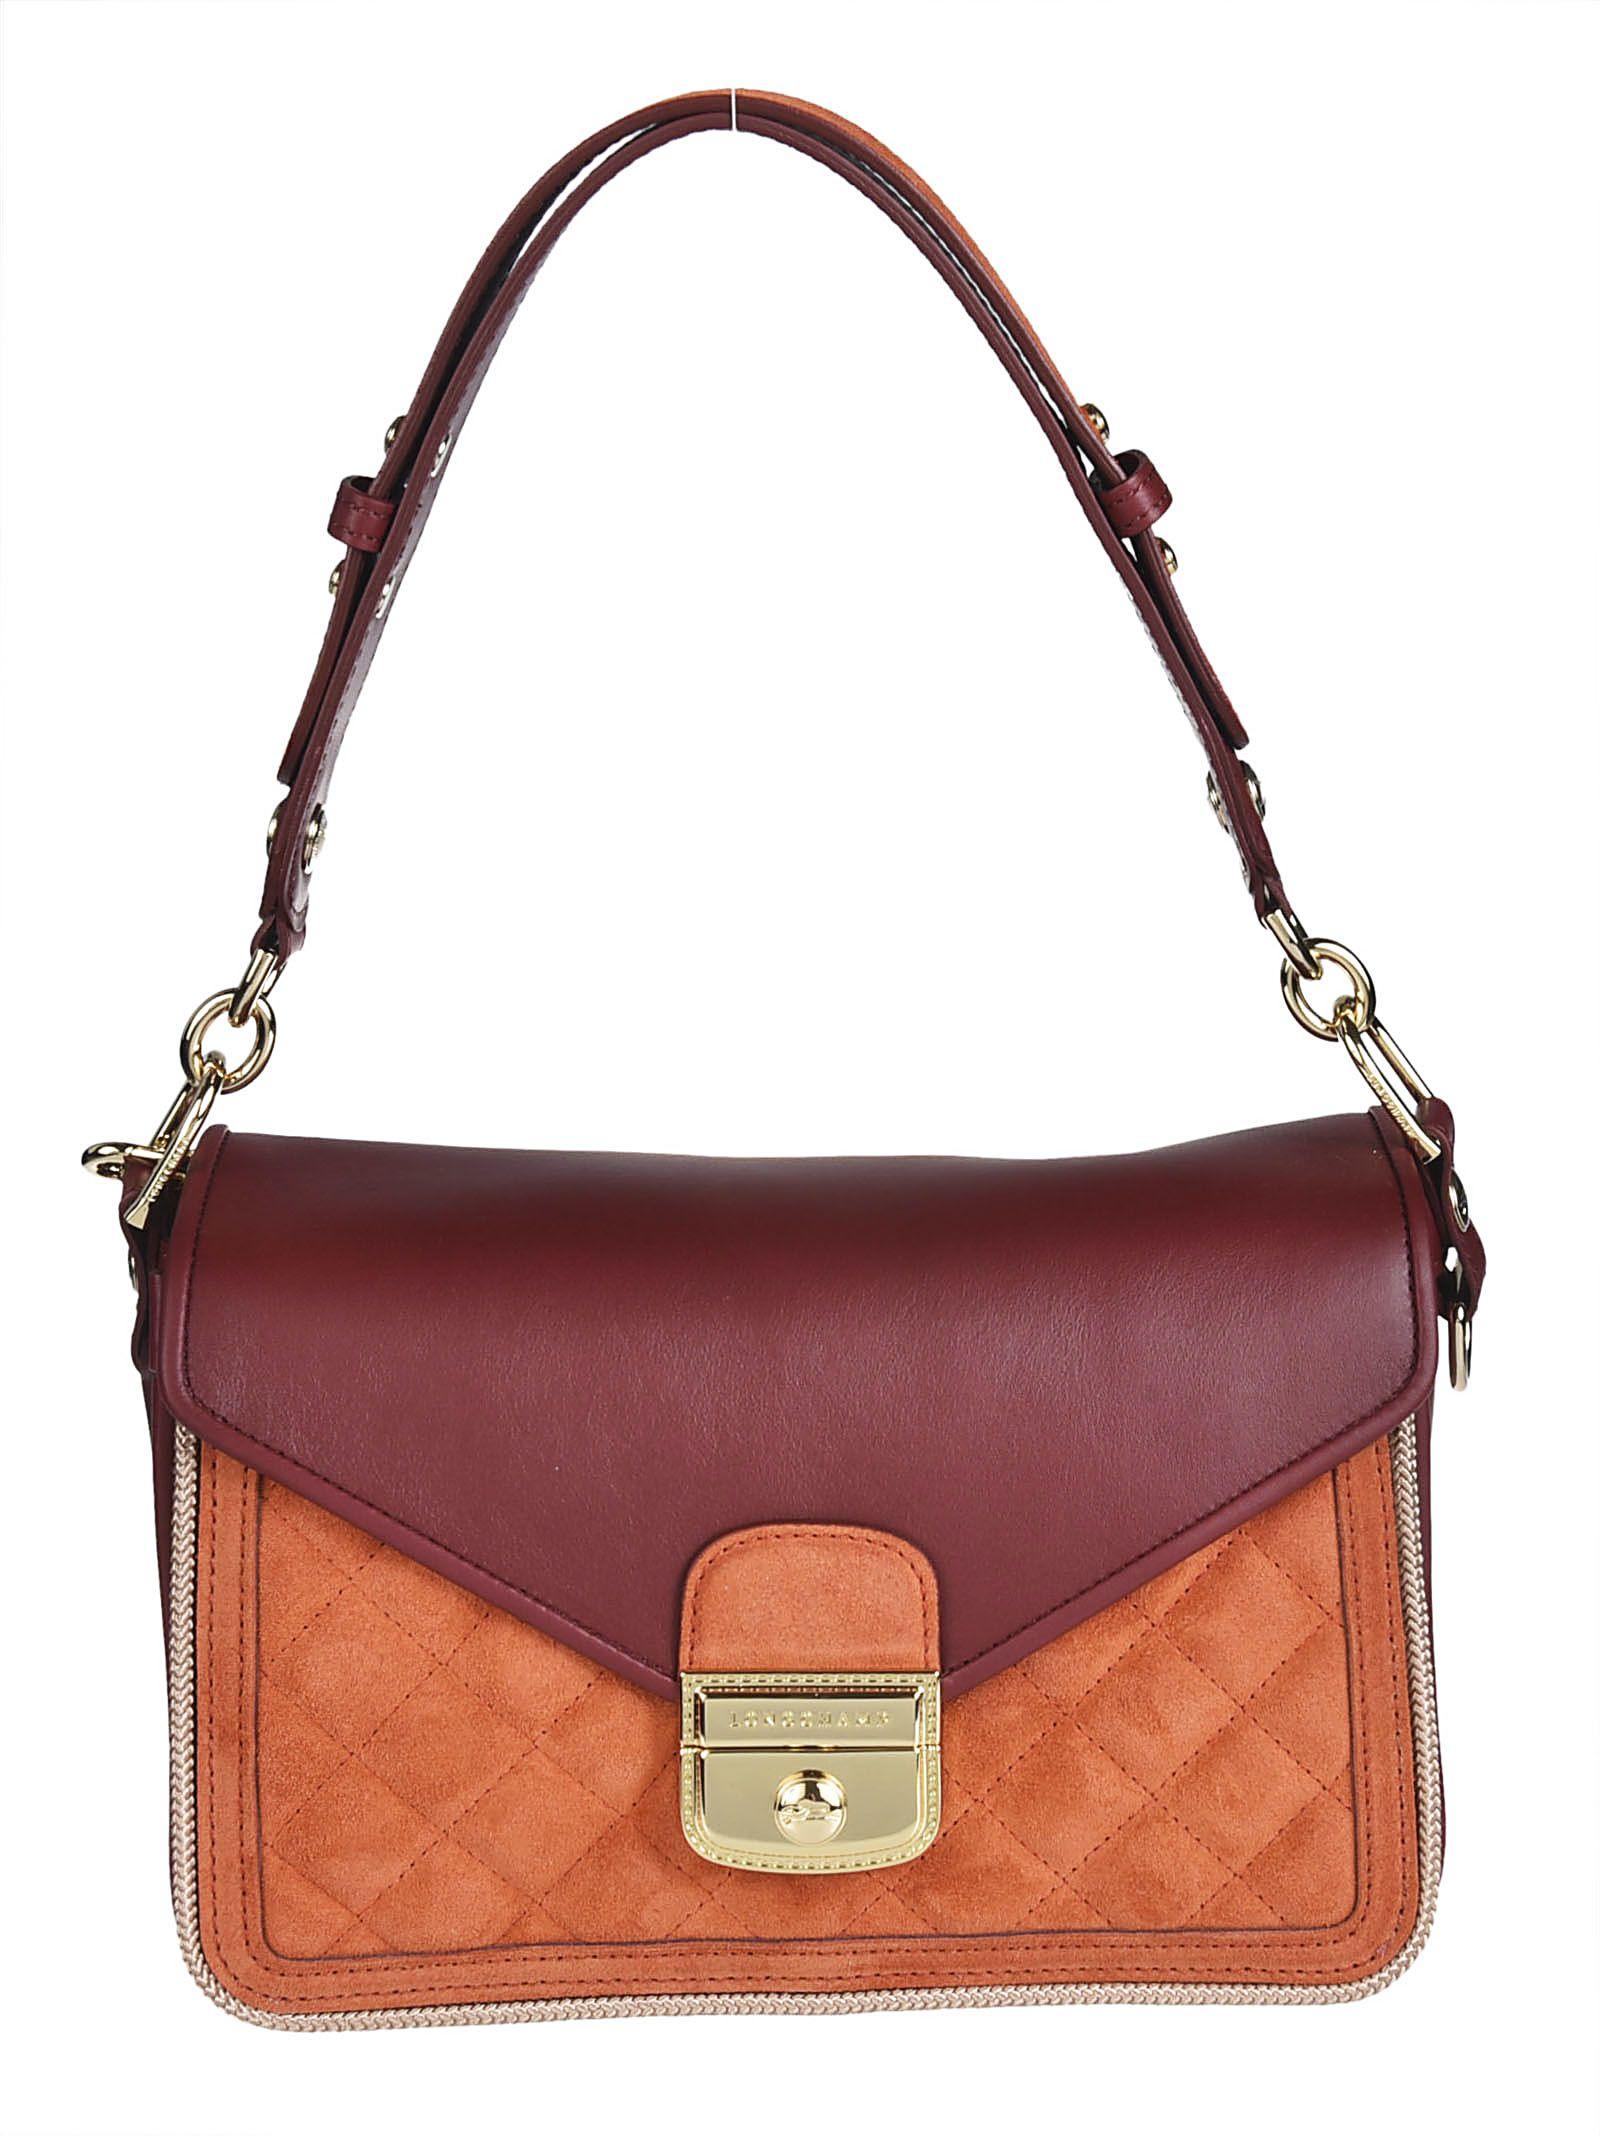 Longchamp Foldover Shoulder Bag